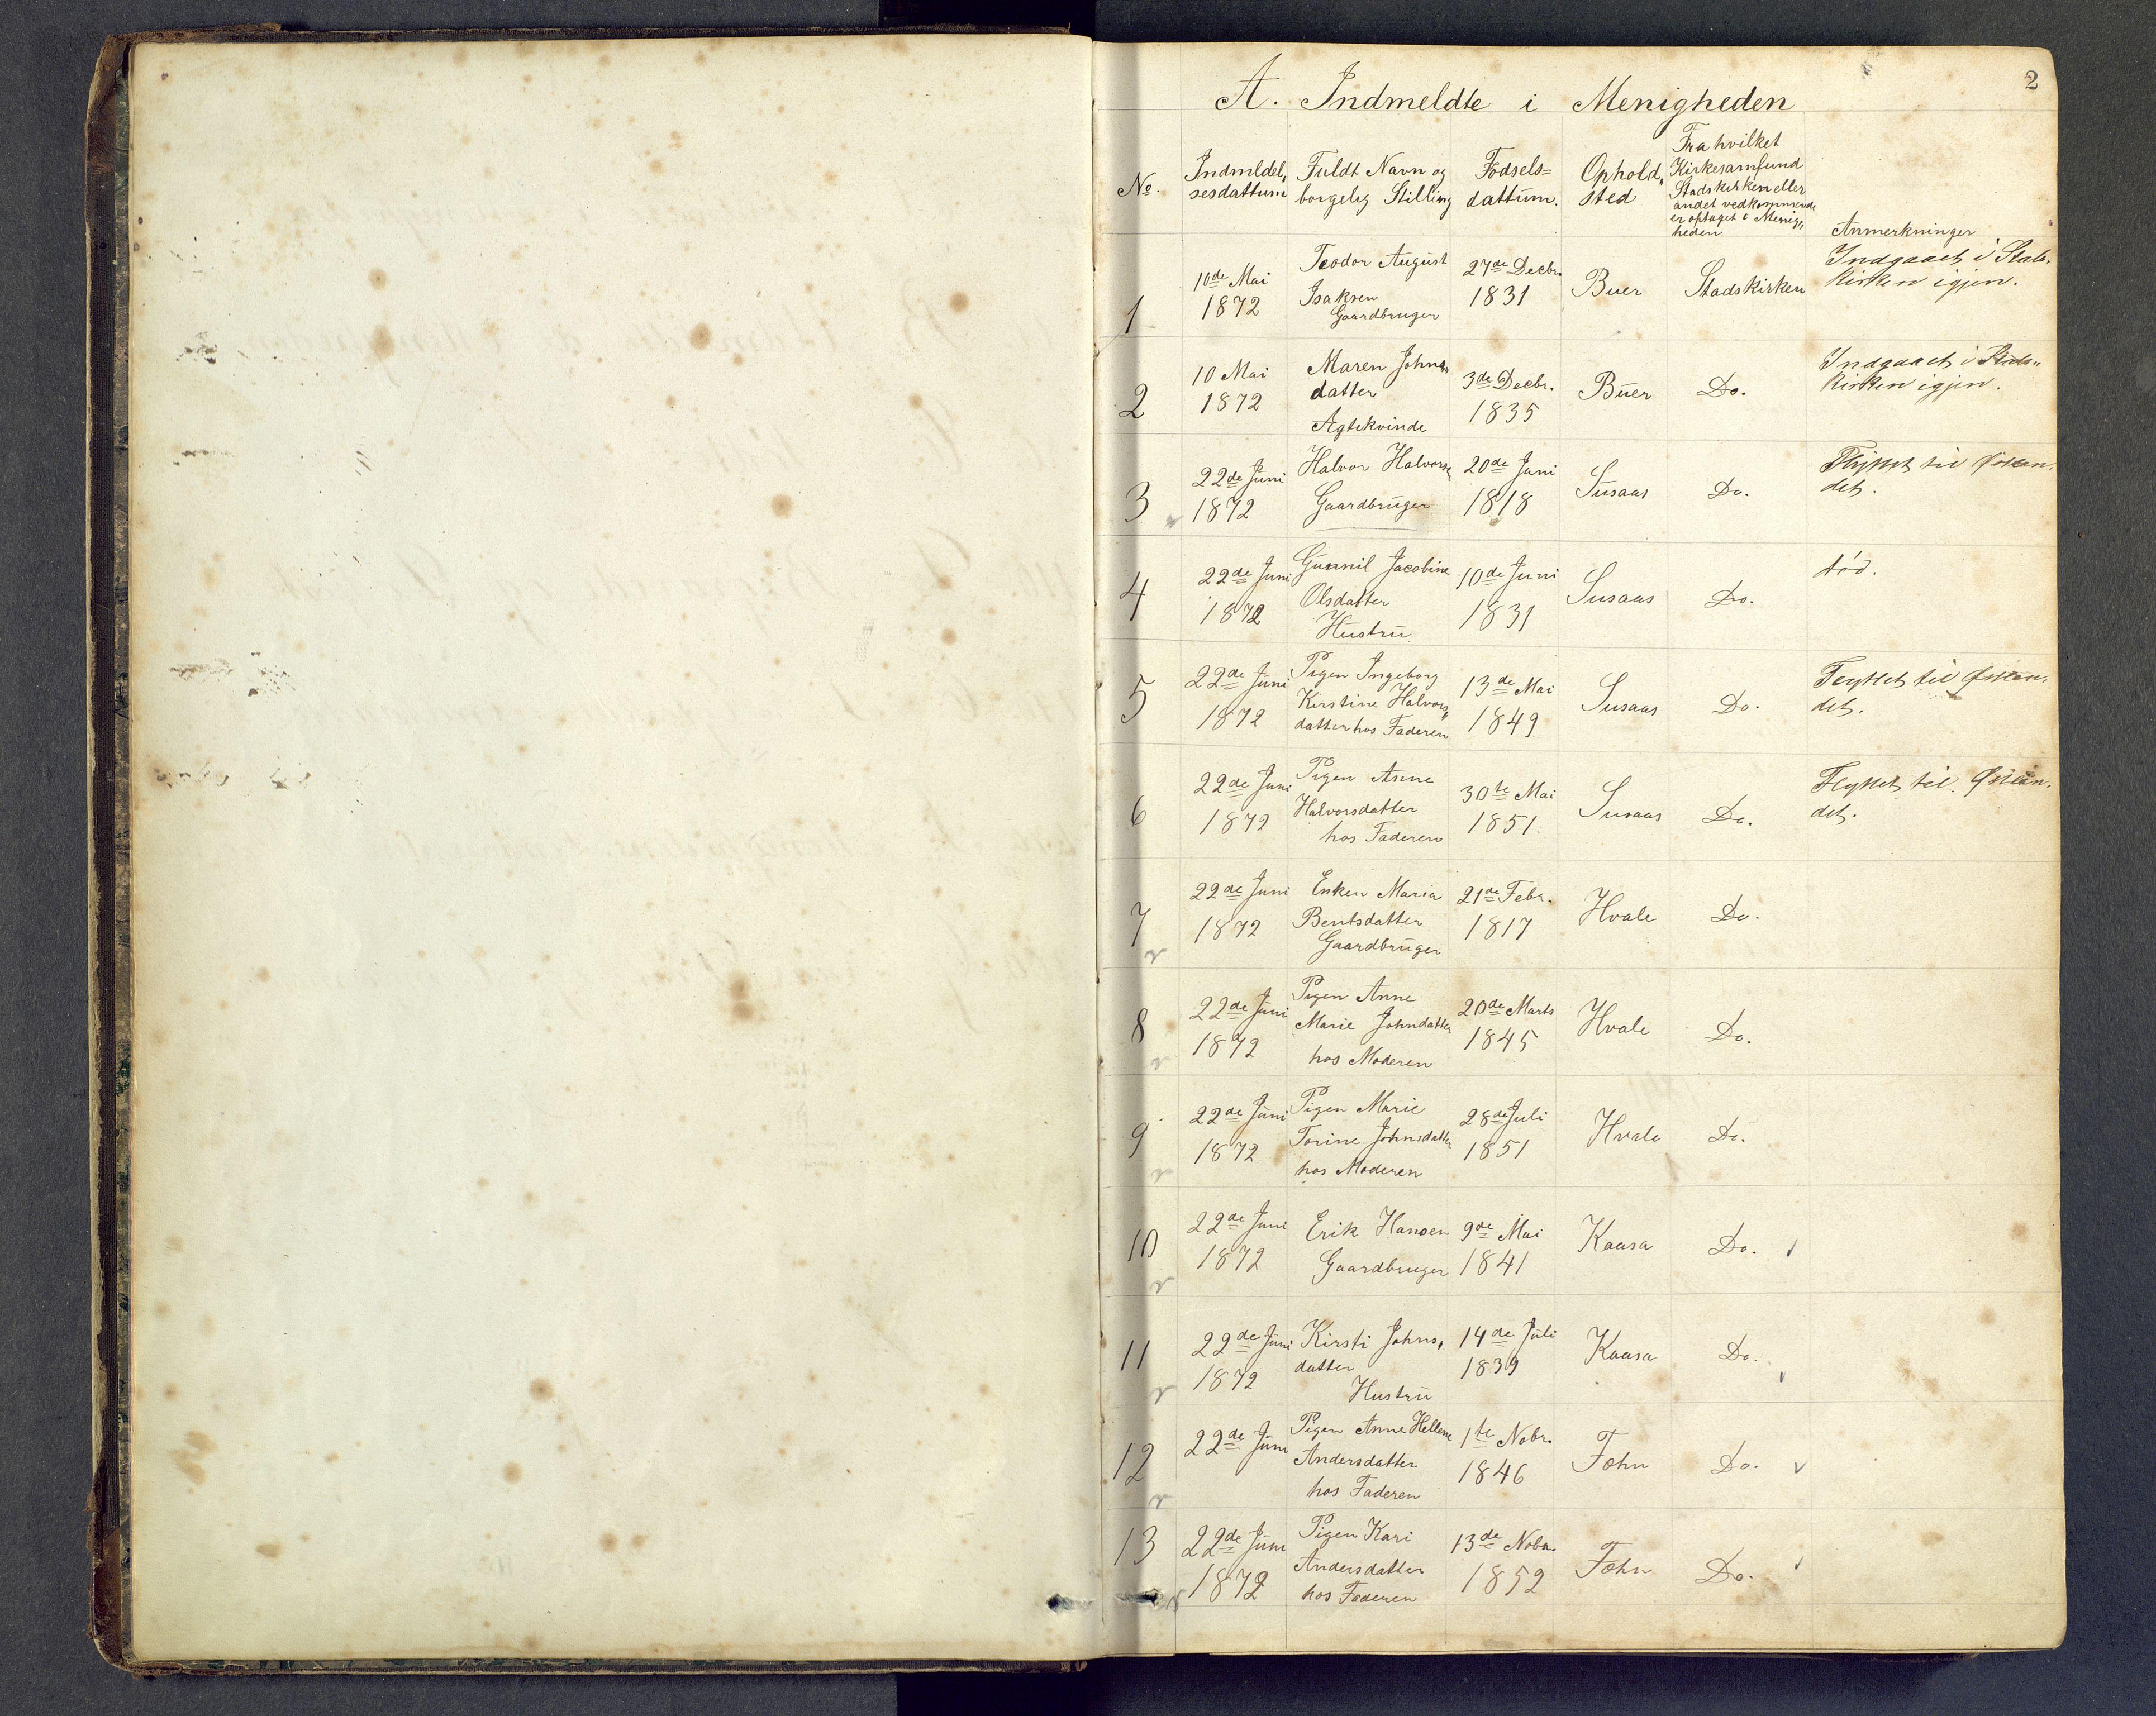 SAKO, Den evangeliske lutherske frimenighet (SAKO), Dissenterprotokoll nr. Fa/L0001, 1872-1906, s. 2